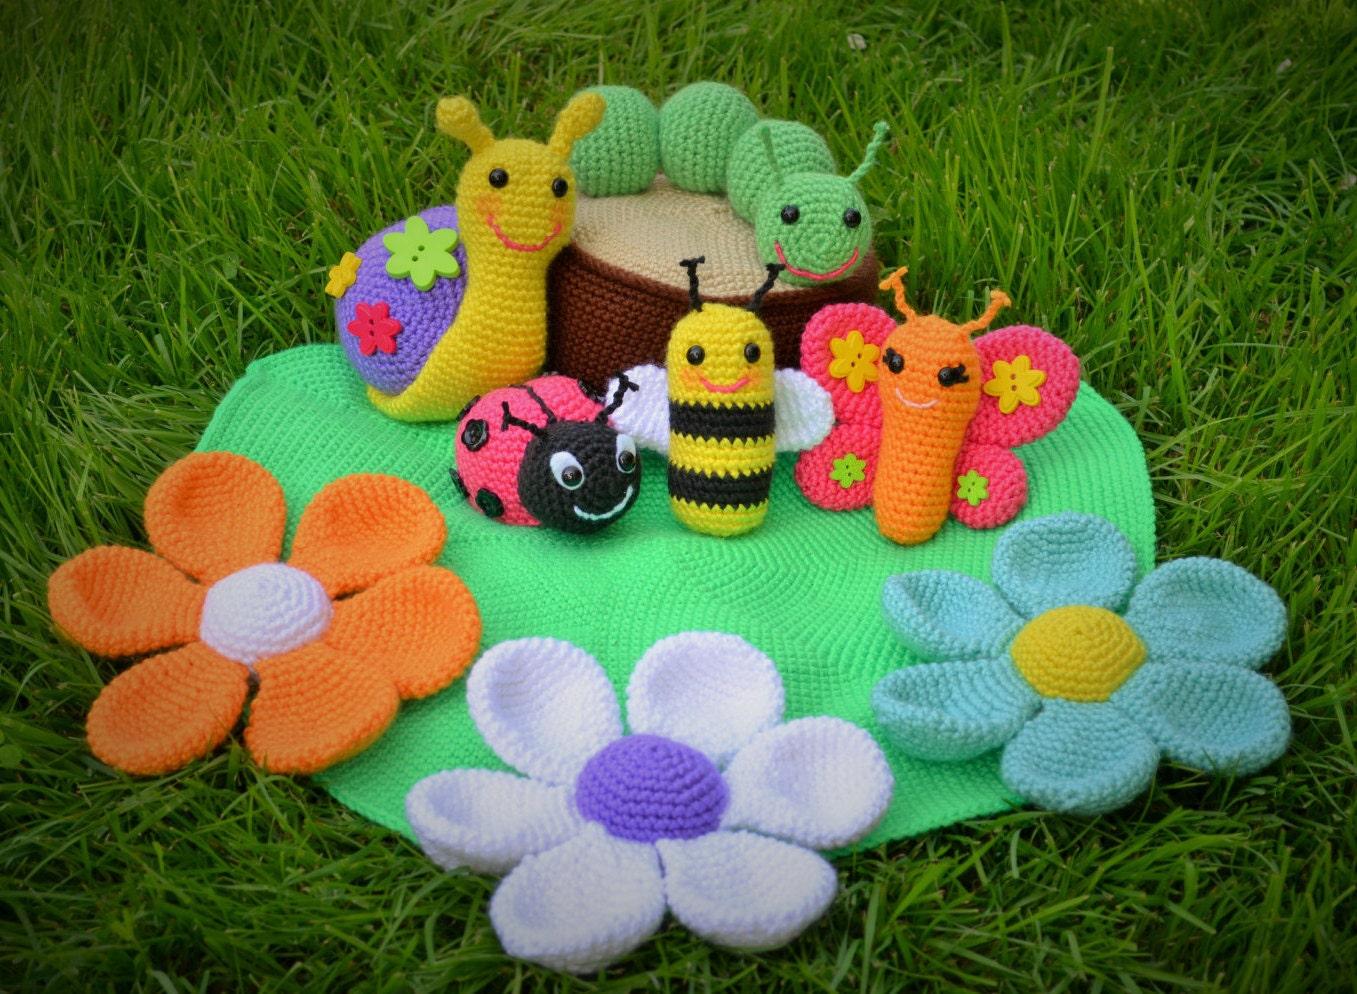 Crochet Amigurumi For Baby : Amigurumi pattern crochet toy pattern crochet amigurumi